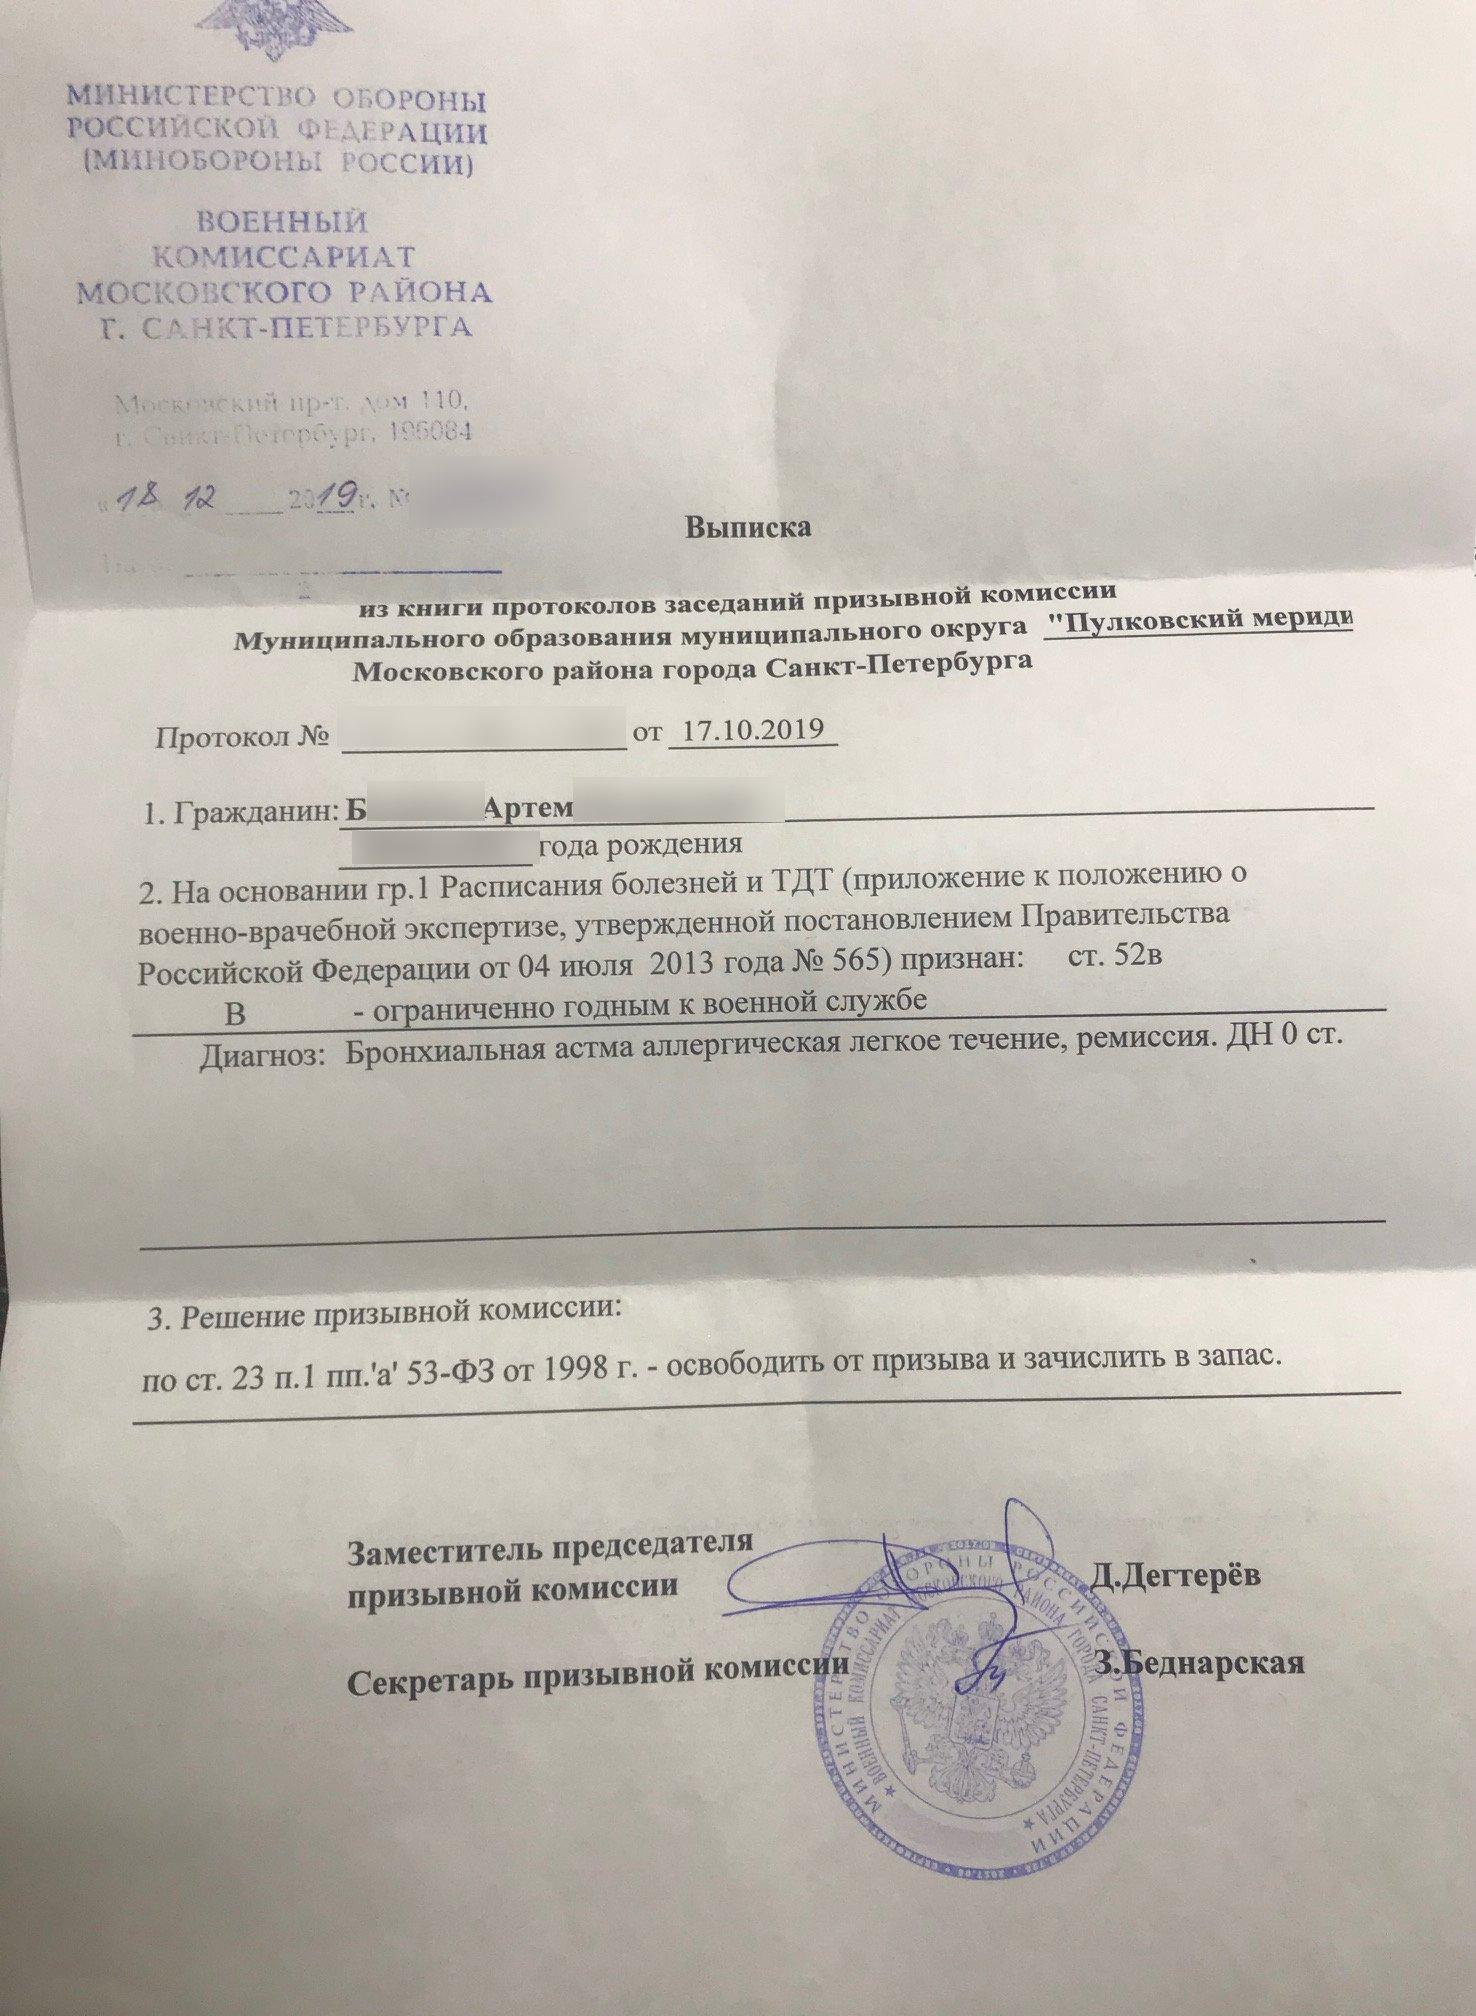 Решение призывной комиссии об освобождении Артема от военной службы